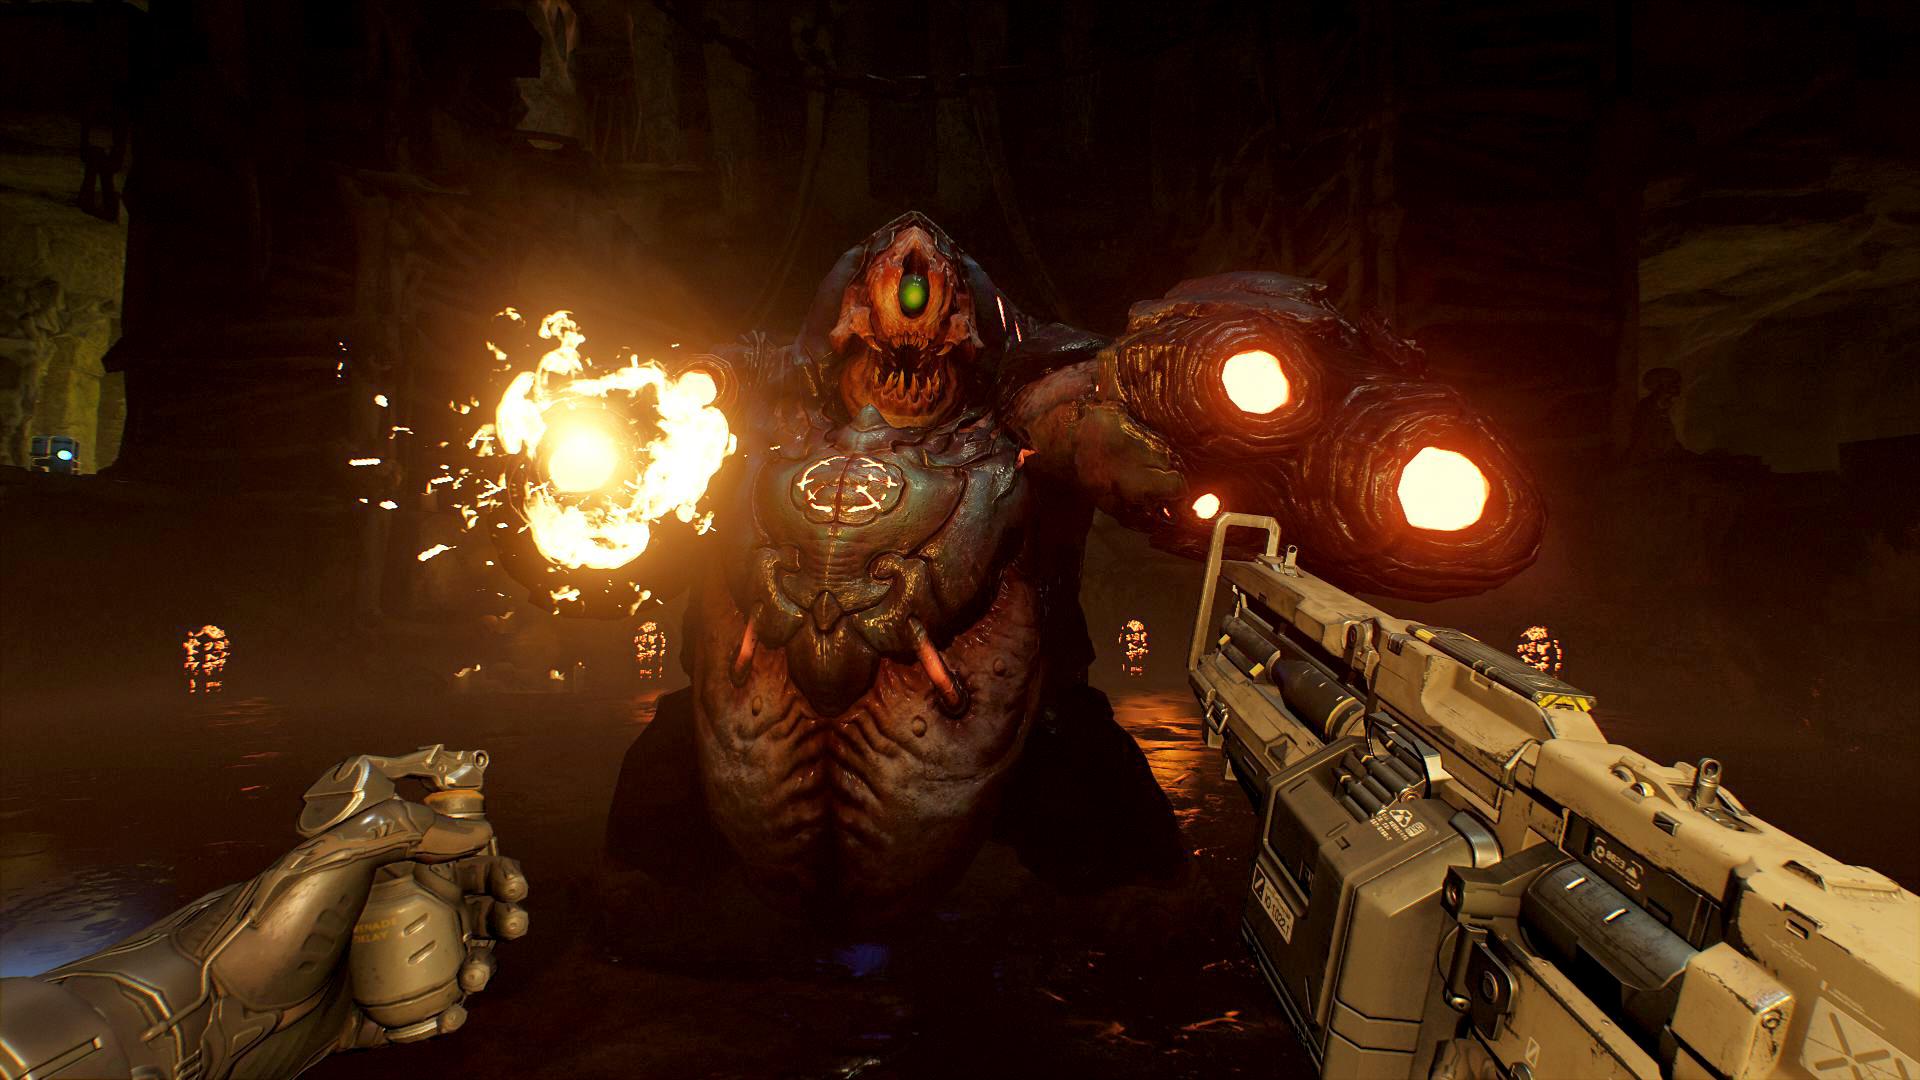 Det er mindre kult enn vi hadde håpet på å skyte med PS Aim, men Doom VFR er i det minste god underholdning, men mest takket være den geniale omstarten av serien i 2016, og minst grunnet VR.